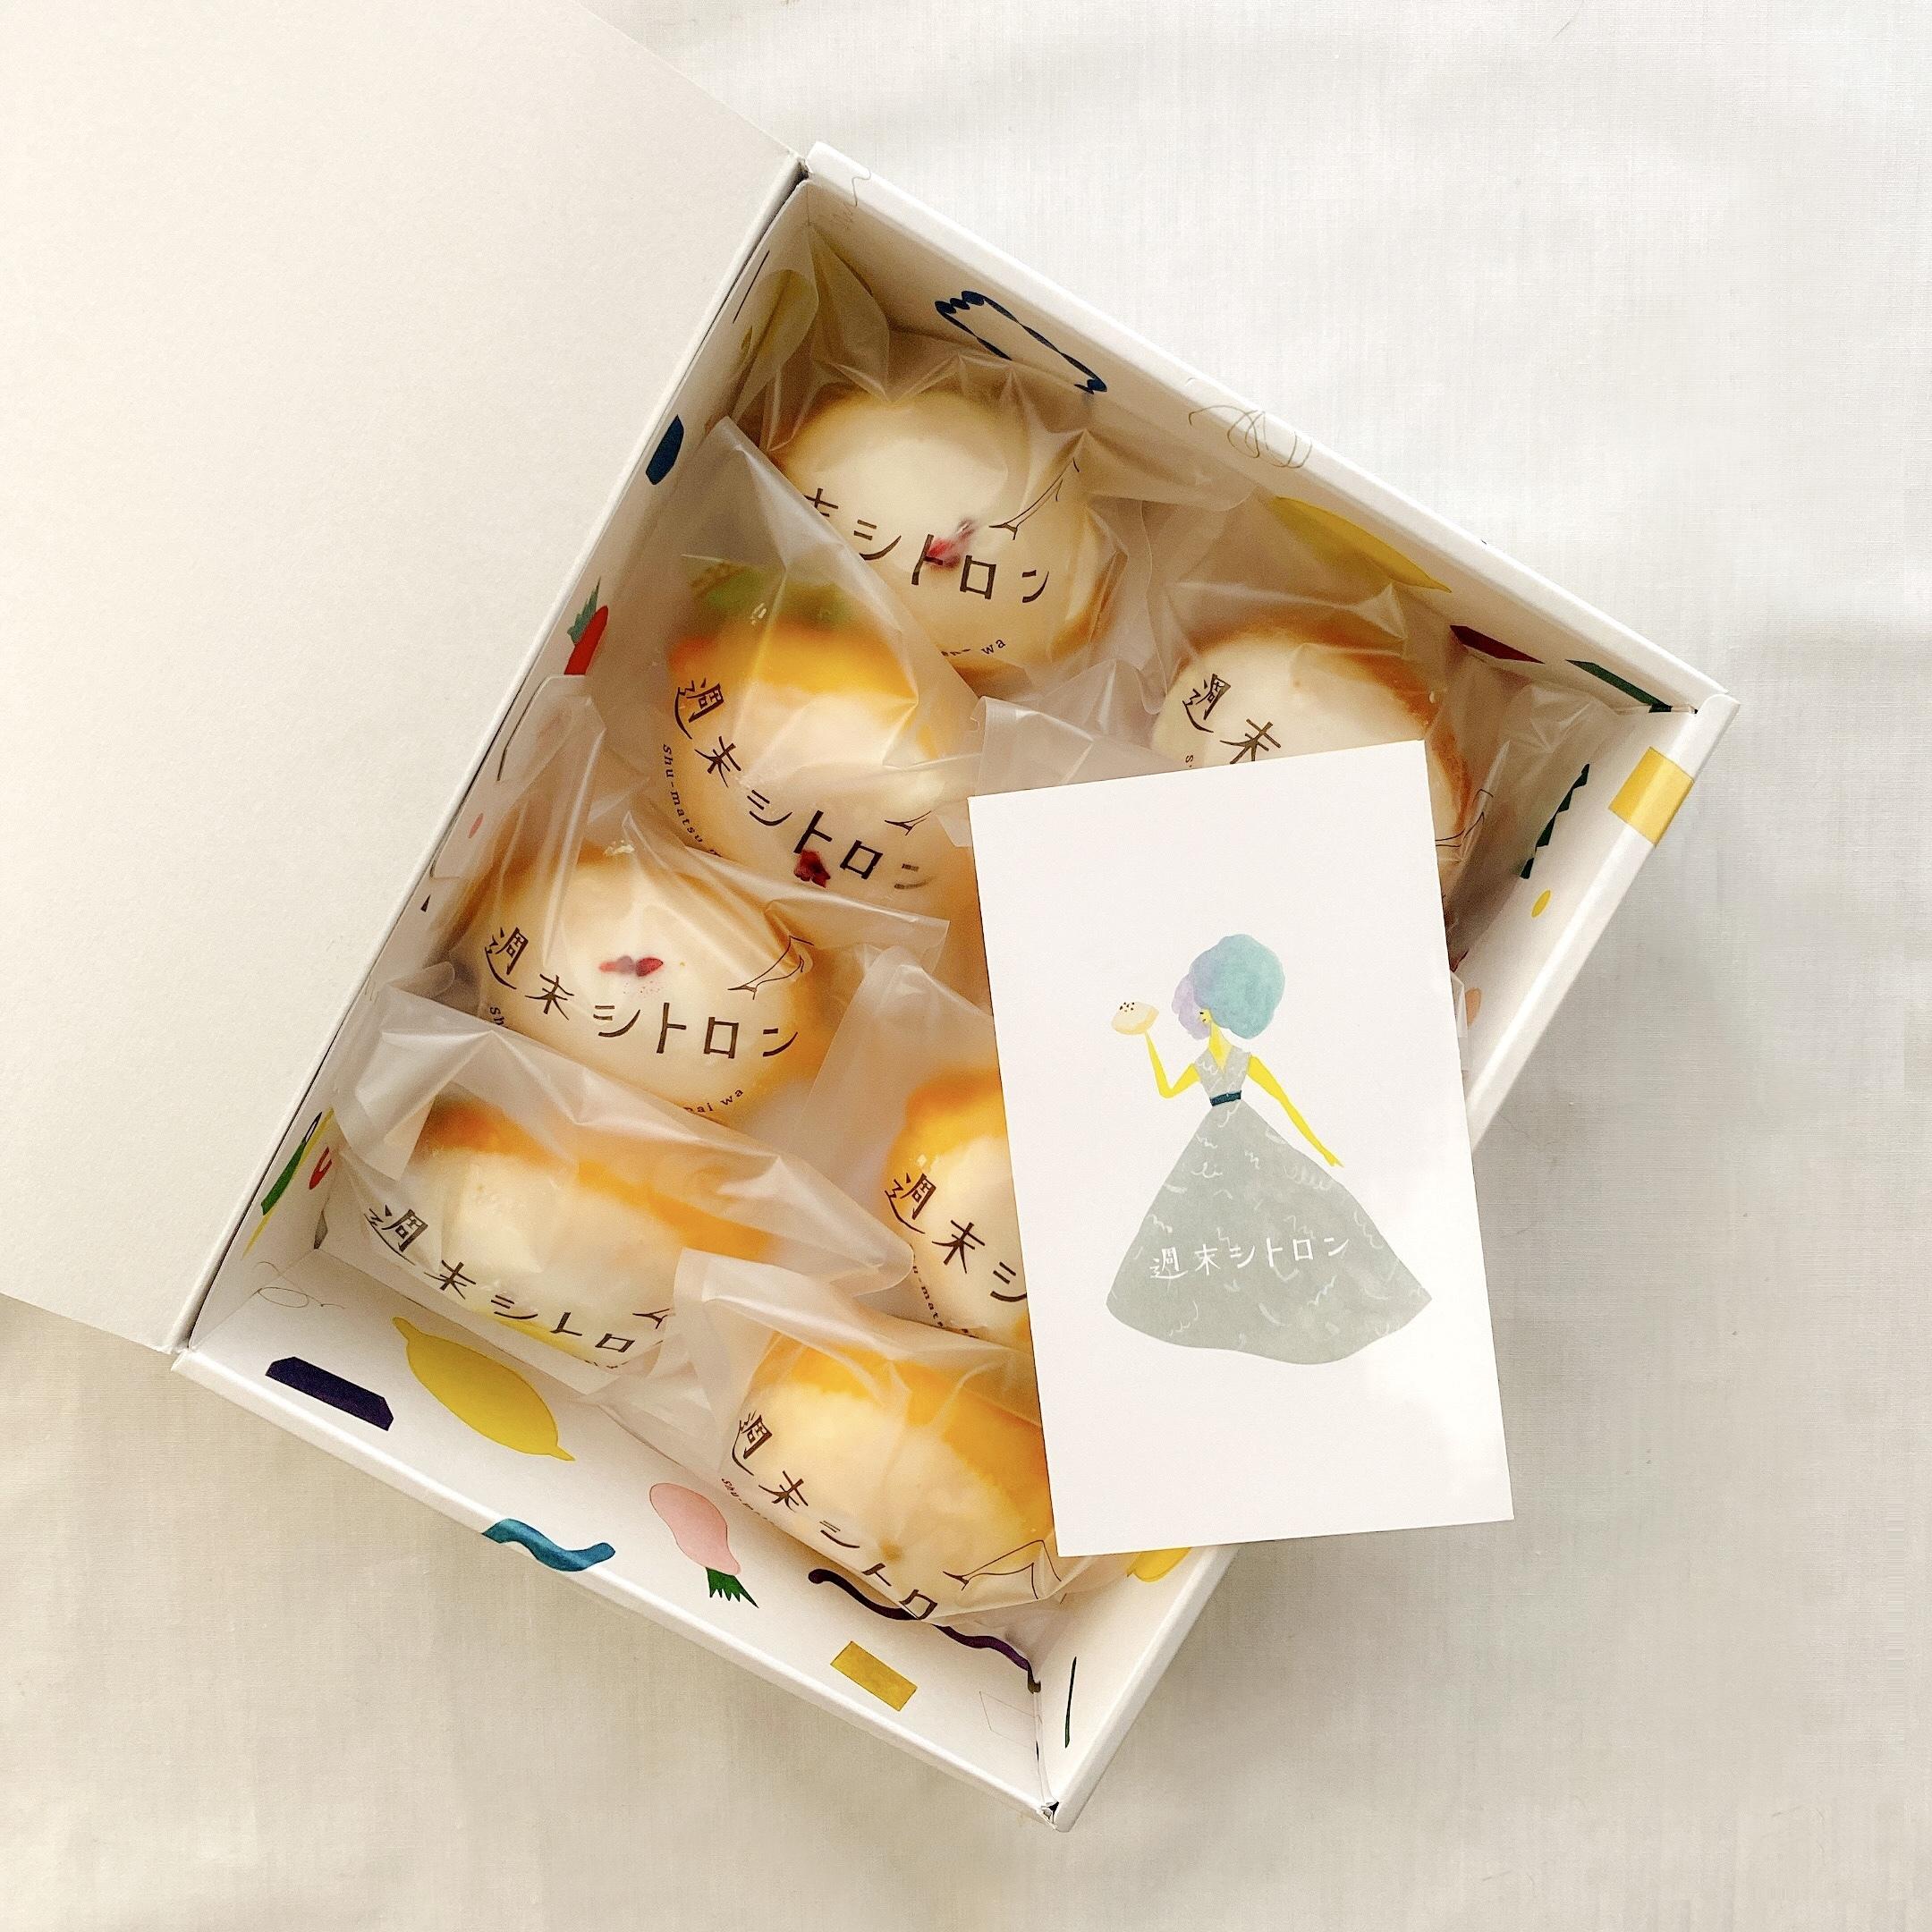 お取り寄せしたレモンケーキ「週末シトロン」は、おしゃれで手土産にもおすすめ。